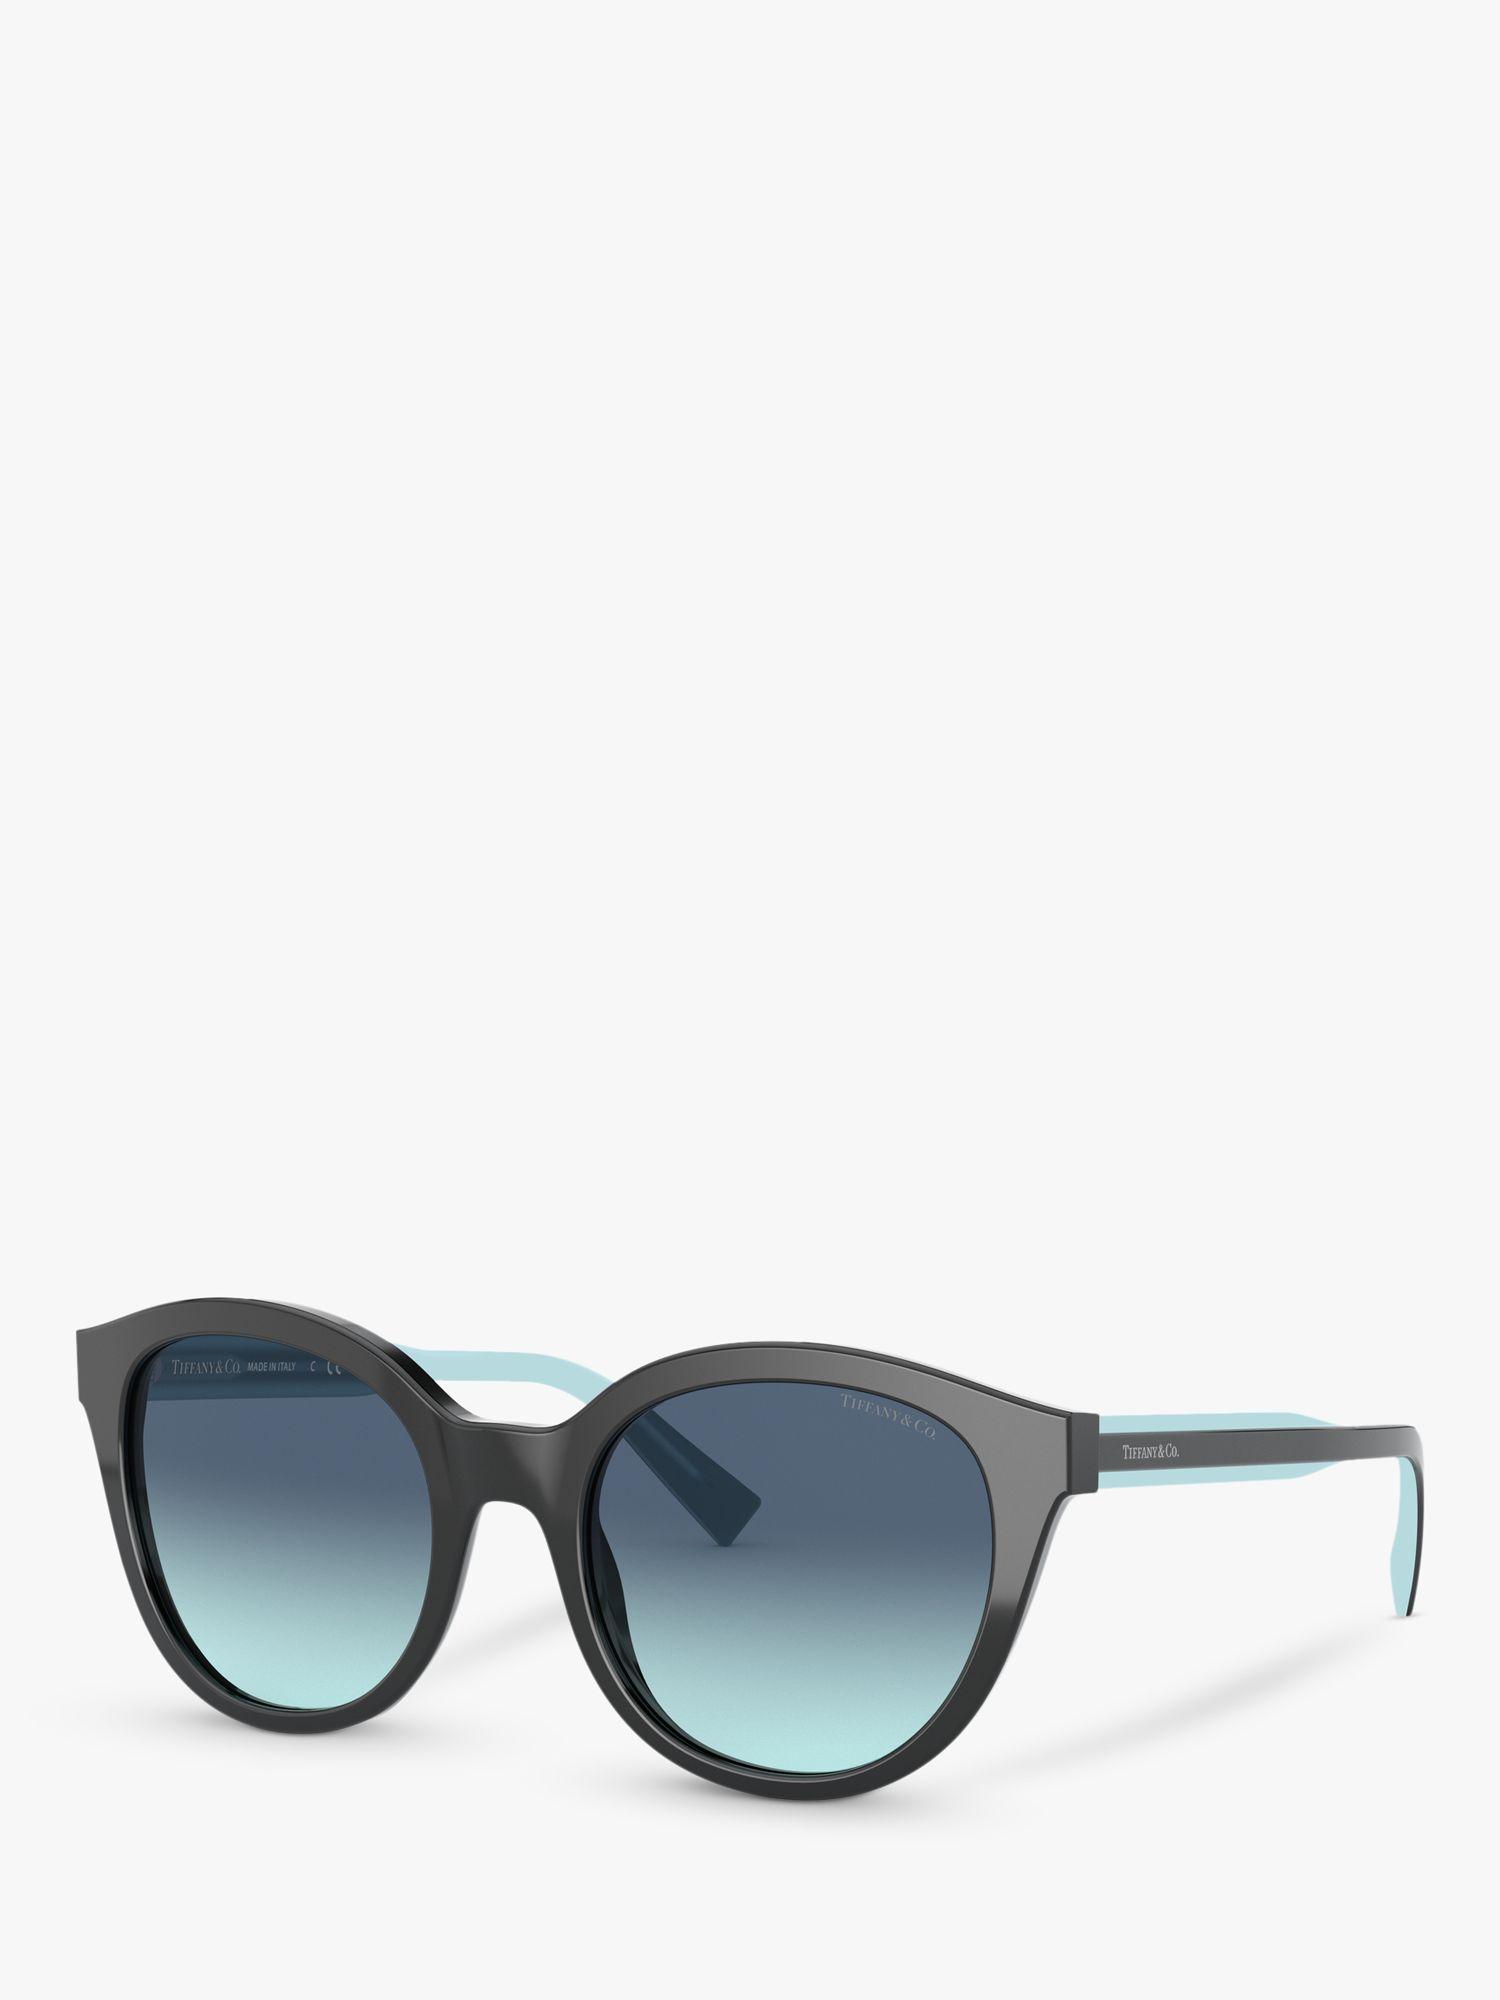 Tiffany & Co Tiffany & Co TF4164 Women's Oval Sunglasses, Black/Blue